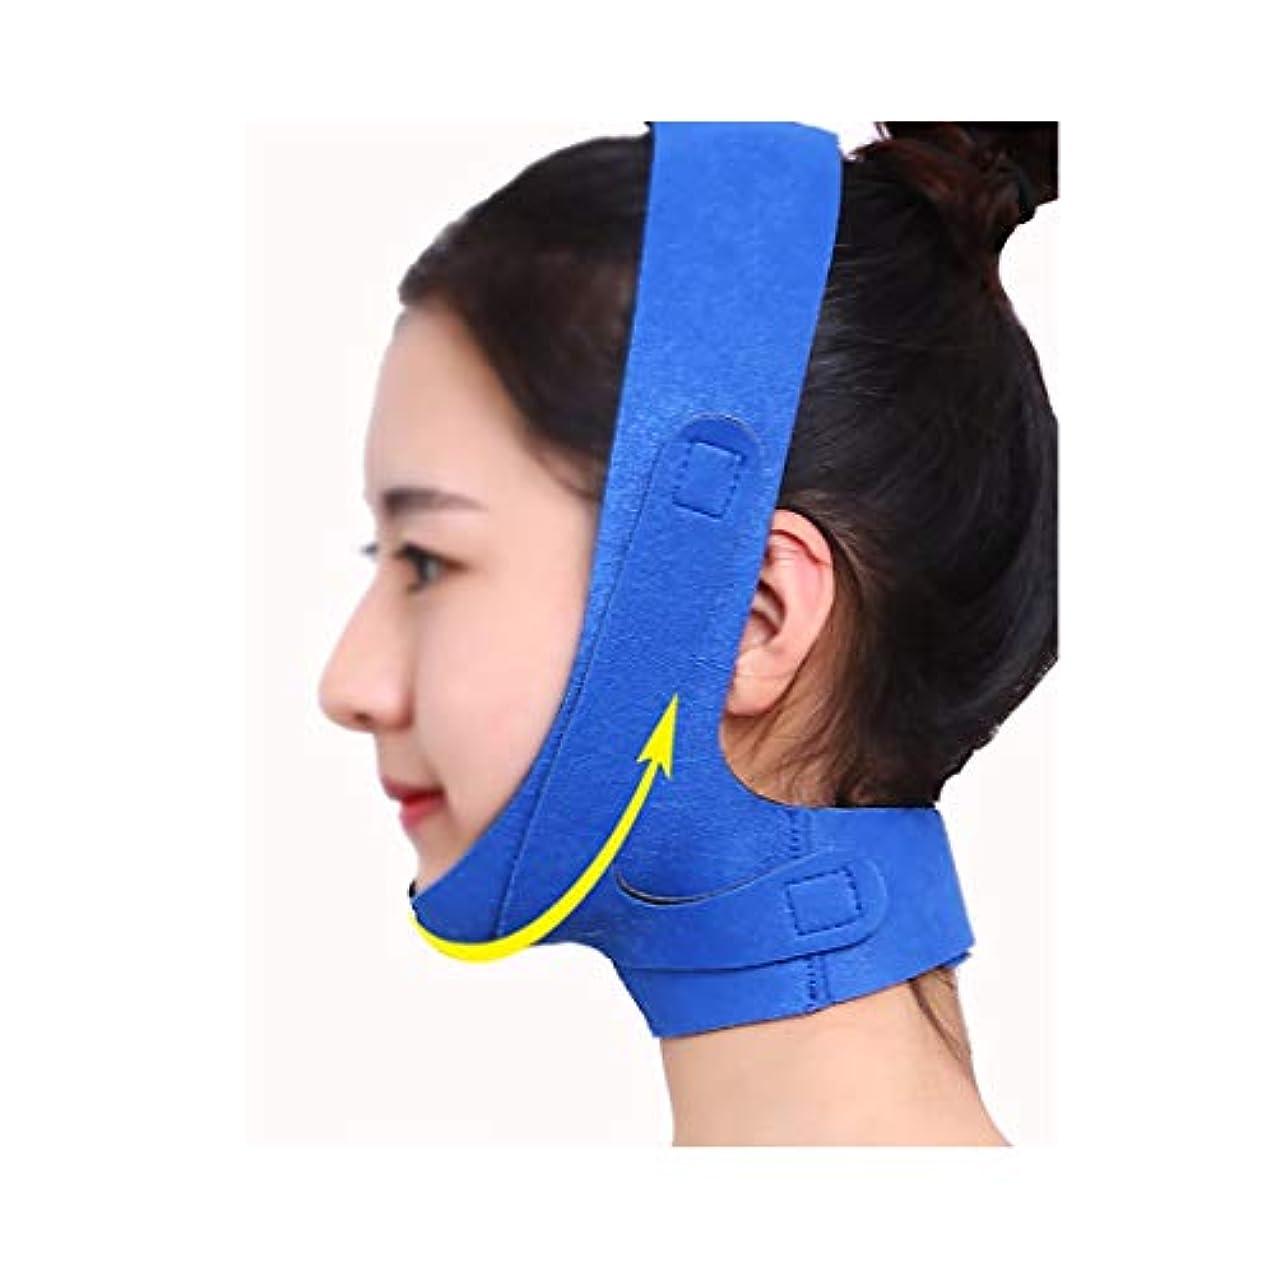 簡潔な上昇もしGLJJQMY 減量ベルトマスクV顔アーティファクト顔包帯V顔薄い顔引き締め睡眠薄い顔マスク術後回復包帯青いマスク 顔用整形マスク